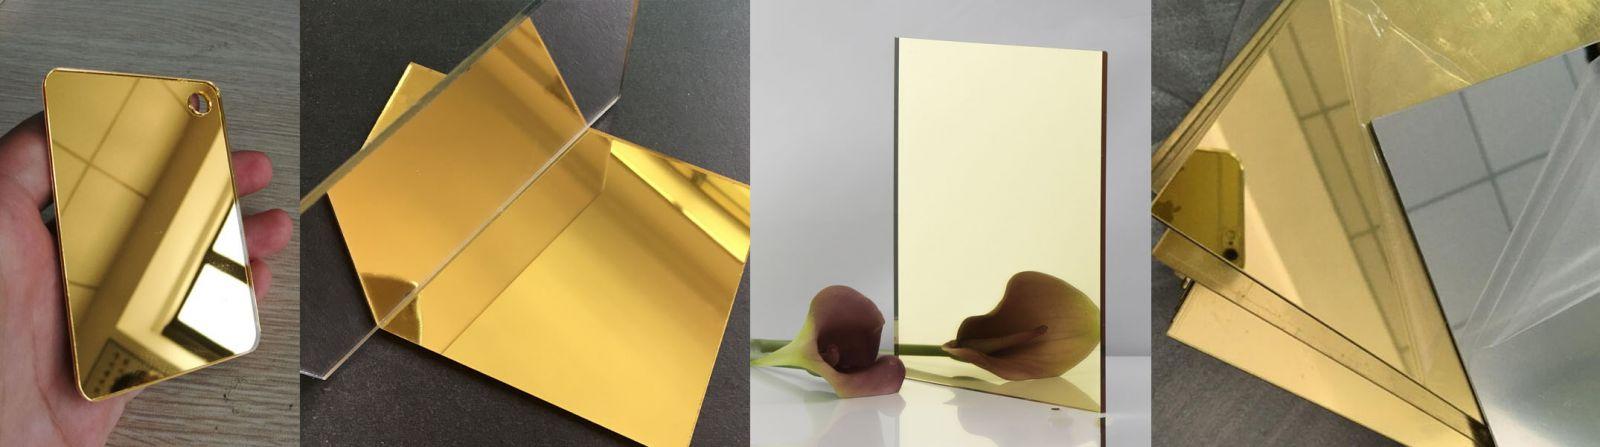 Tấm nhựa mica gương vàng đồng